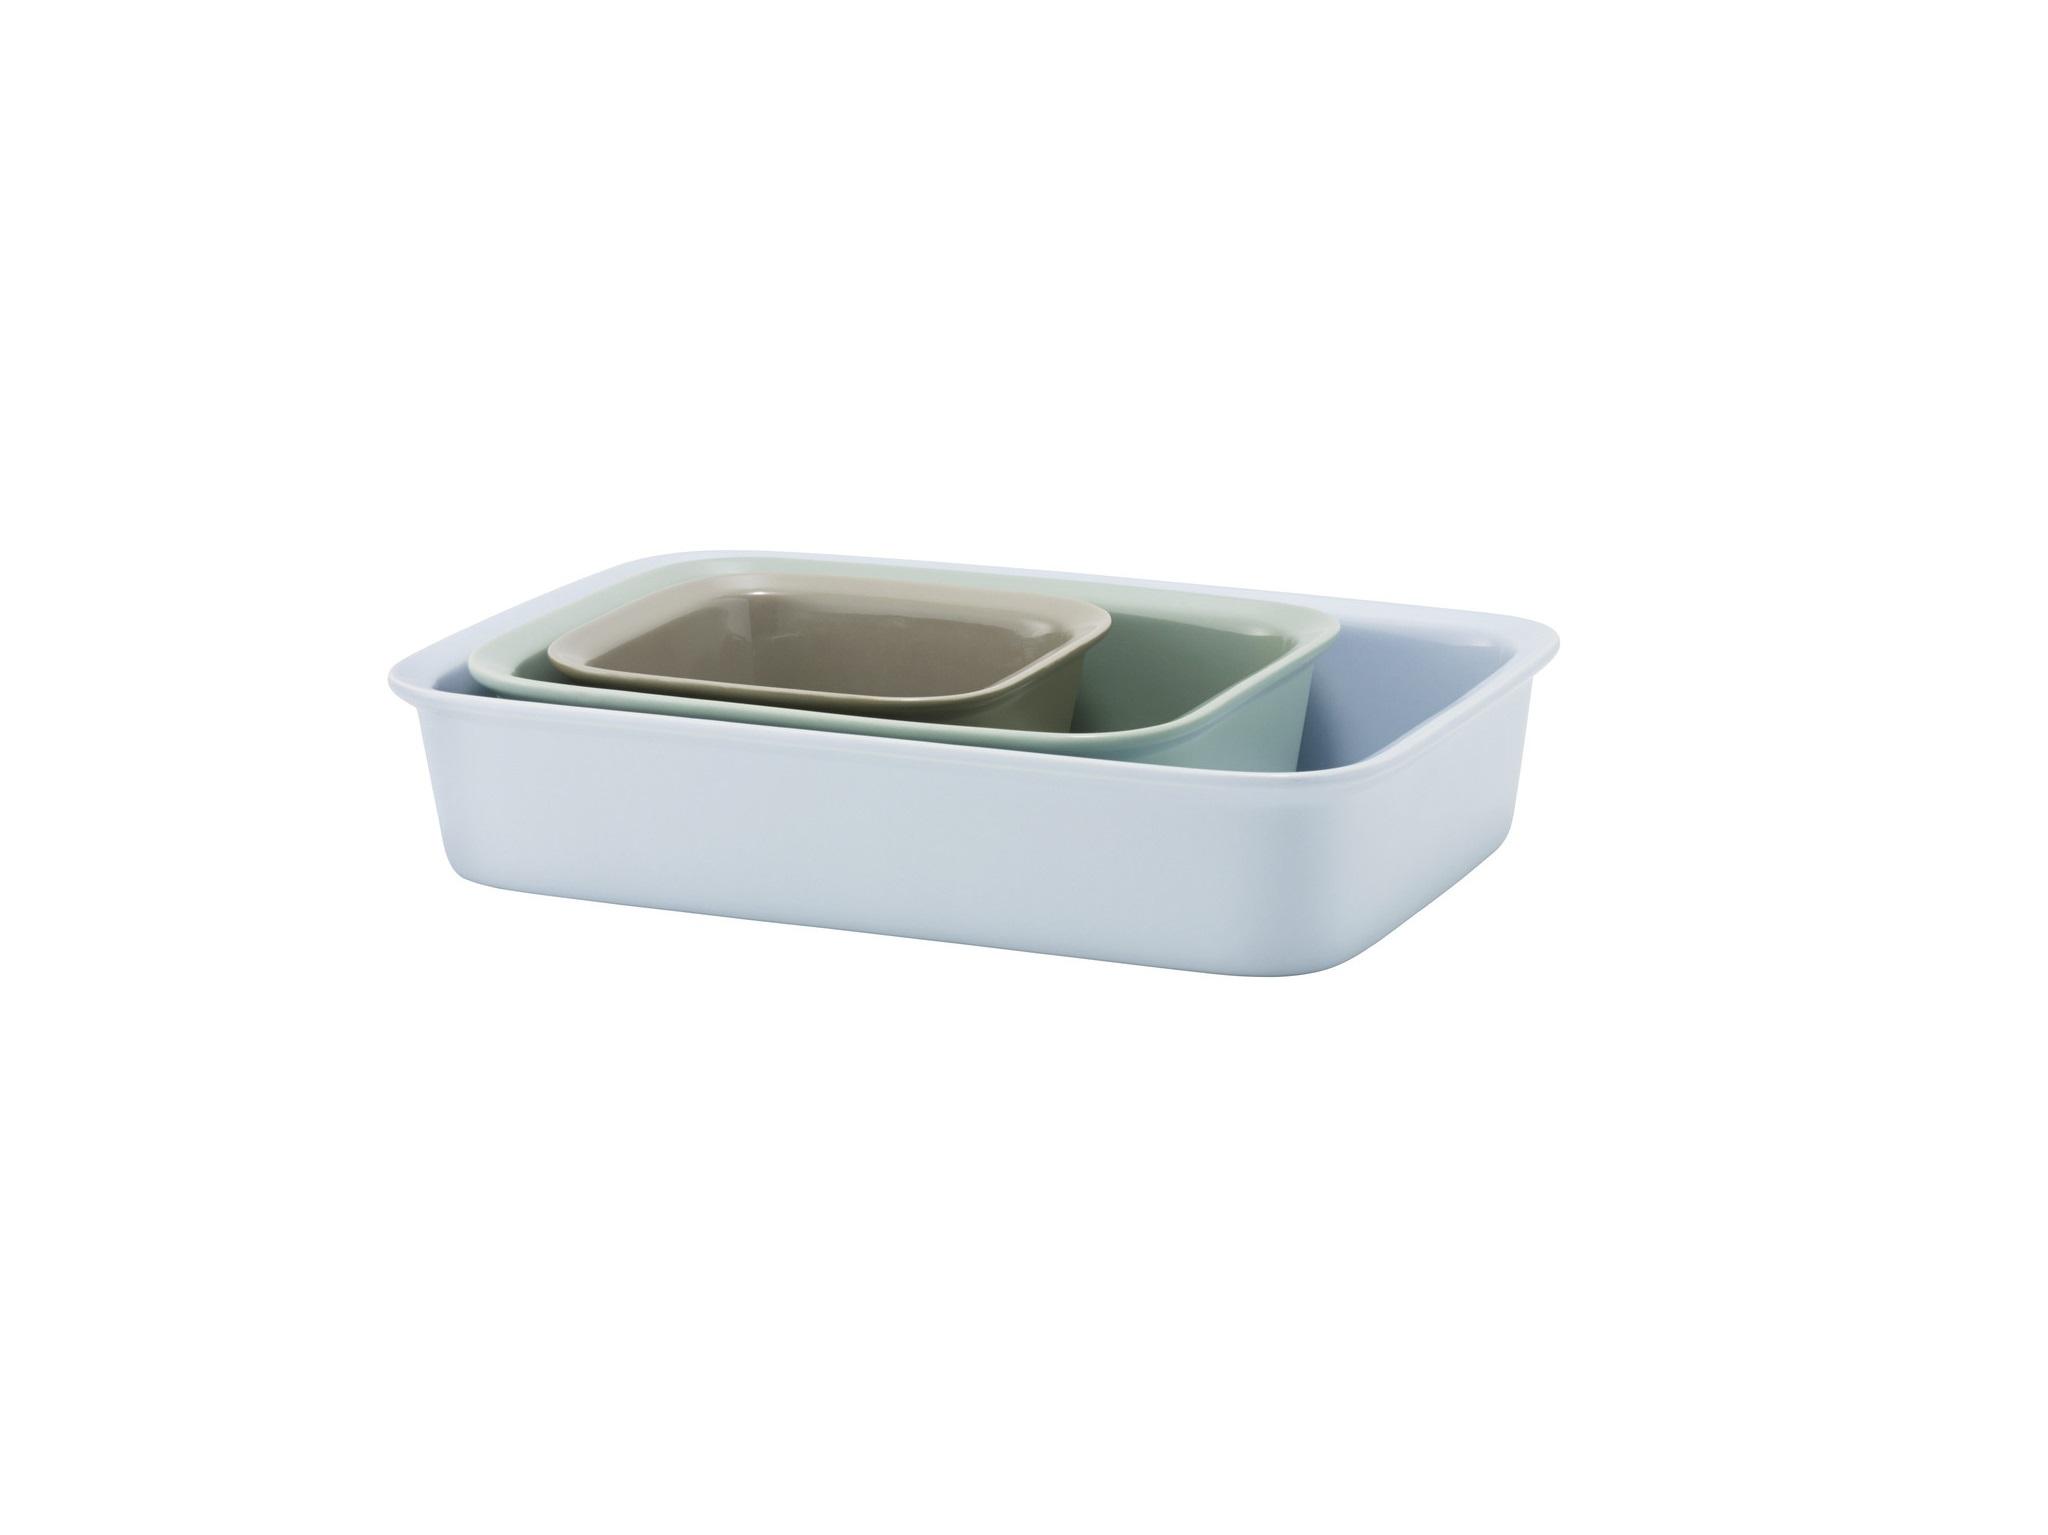 Набор блюд для запекания COOK &amp; SERVE (3шт)Декоративные блюда<br>Набор из трех блюд для запекания предлагает на выбор размер блюда на любой случай. Маленькое подходит для закусок или подачи блюд, а большое для чего угодно от лазаньи и запеченных овощей до домашнего пирога. У блюд приятная матовая внешняя поверхность, внутренняя поверхность - глянцевая (для удобства мытья).&amp;lt;div&amp;gt;&amp;lt;br&amp;gt;&amp;lt;/div&amp;gt;&amp;lt;div&amp;gt;&amp;lt;span style=&amp;quot;font-size: 14px;&amp;quot;&amp;gt;Размеры: большое: длина 34,5, ширина 24,5, высота 7; среднее: высота 7, длина 25,8, ширина 19; маленькое: высота 7, ширина 16, длина 16.&amp;amp;nbsp;&amp;lt;/span&amp;gt;&amp;lt;br&amp;gt;&amp;lt;/div&amp;gt;<br><br>Material: Керамика<br>Width см: 34.5<br>Depth см: 24.5<br>Height см: 7